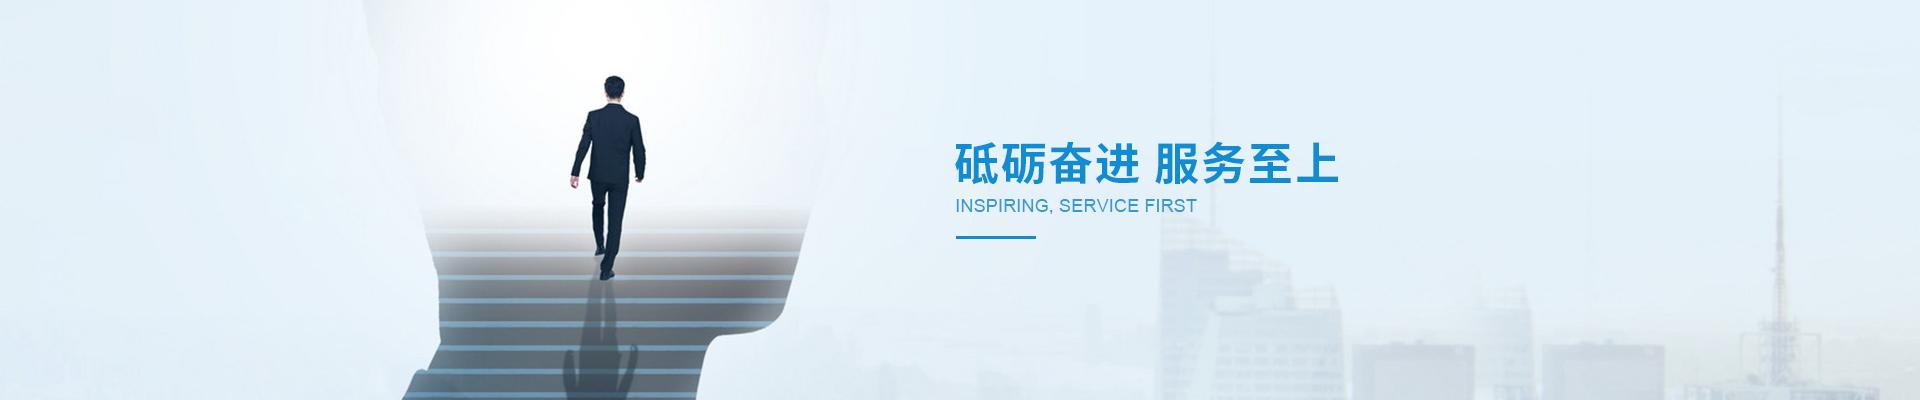 楊浦區質量會務服務互惠互利「上海唄唄信息科技有限公司」